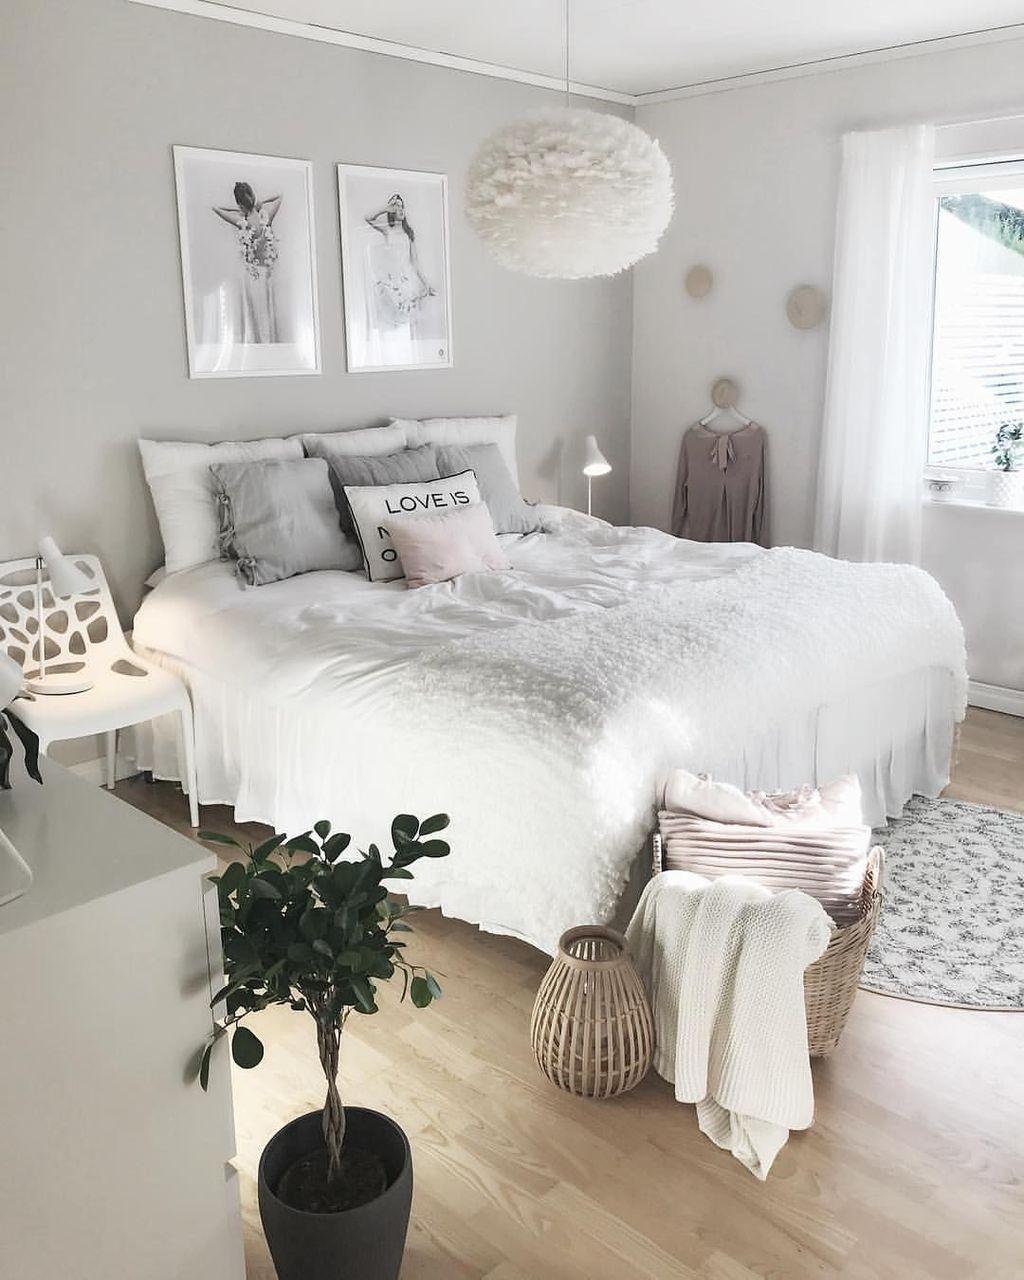 40 Splendid Furniture Ideas For Bedrooms #schlafzimmerideen